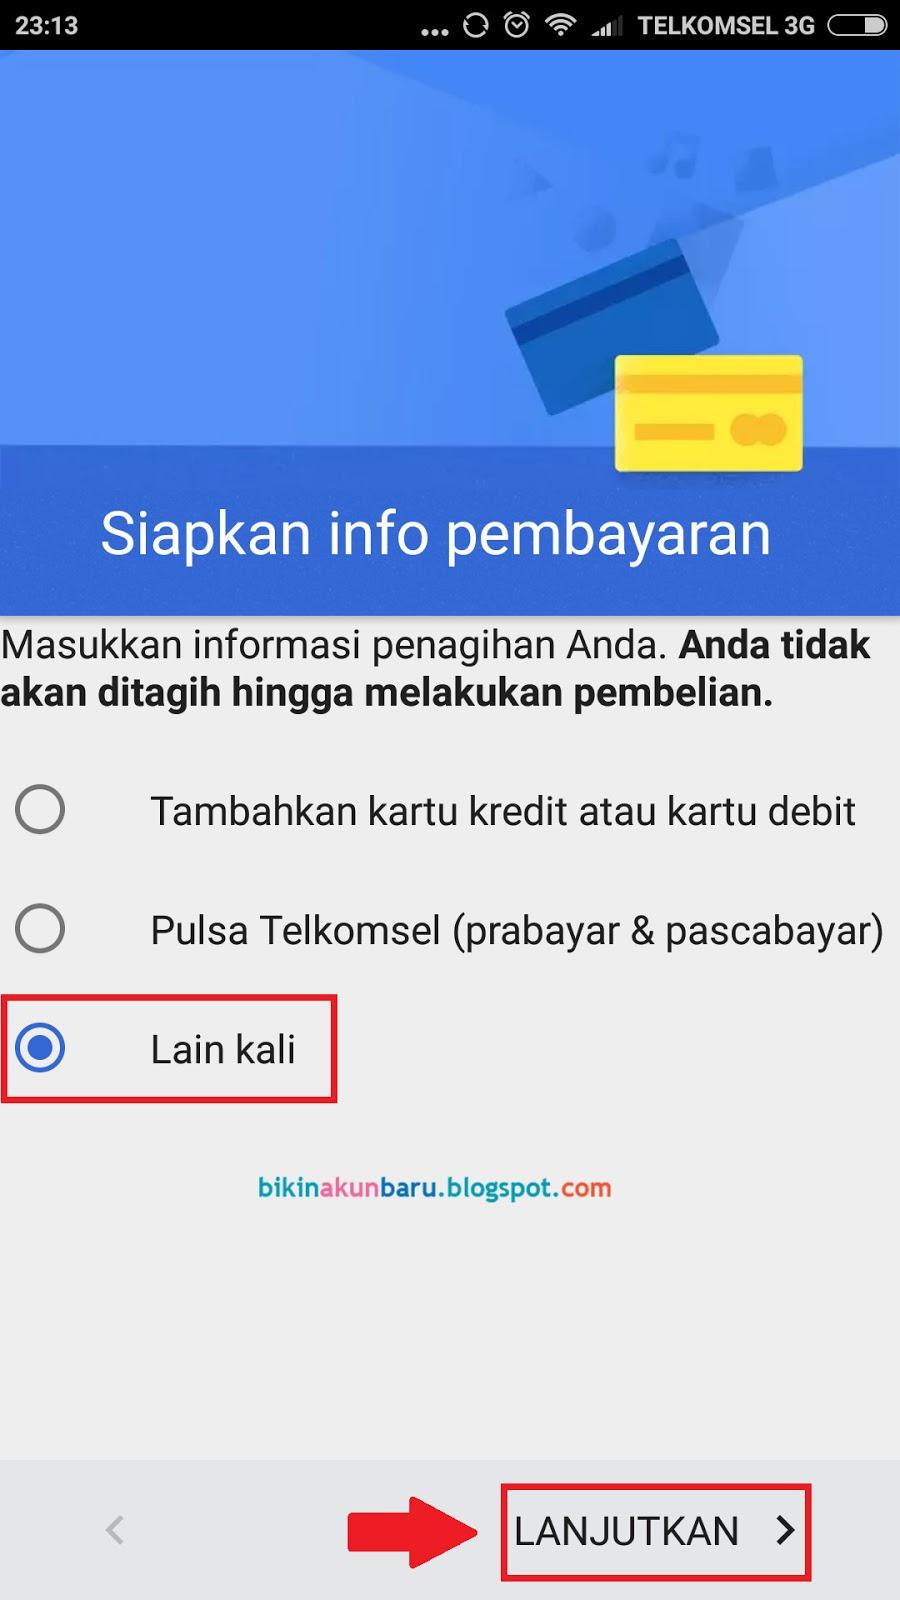 Cara Buat Akun Gmail Baru Lewat Hp Android Lengkap Dengan